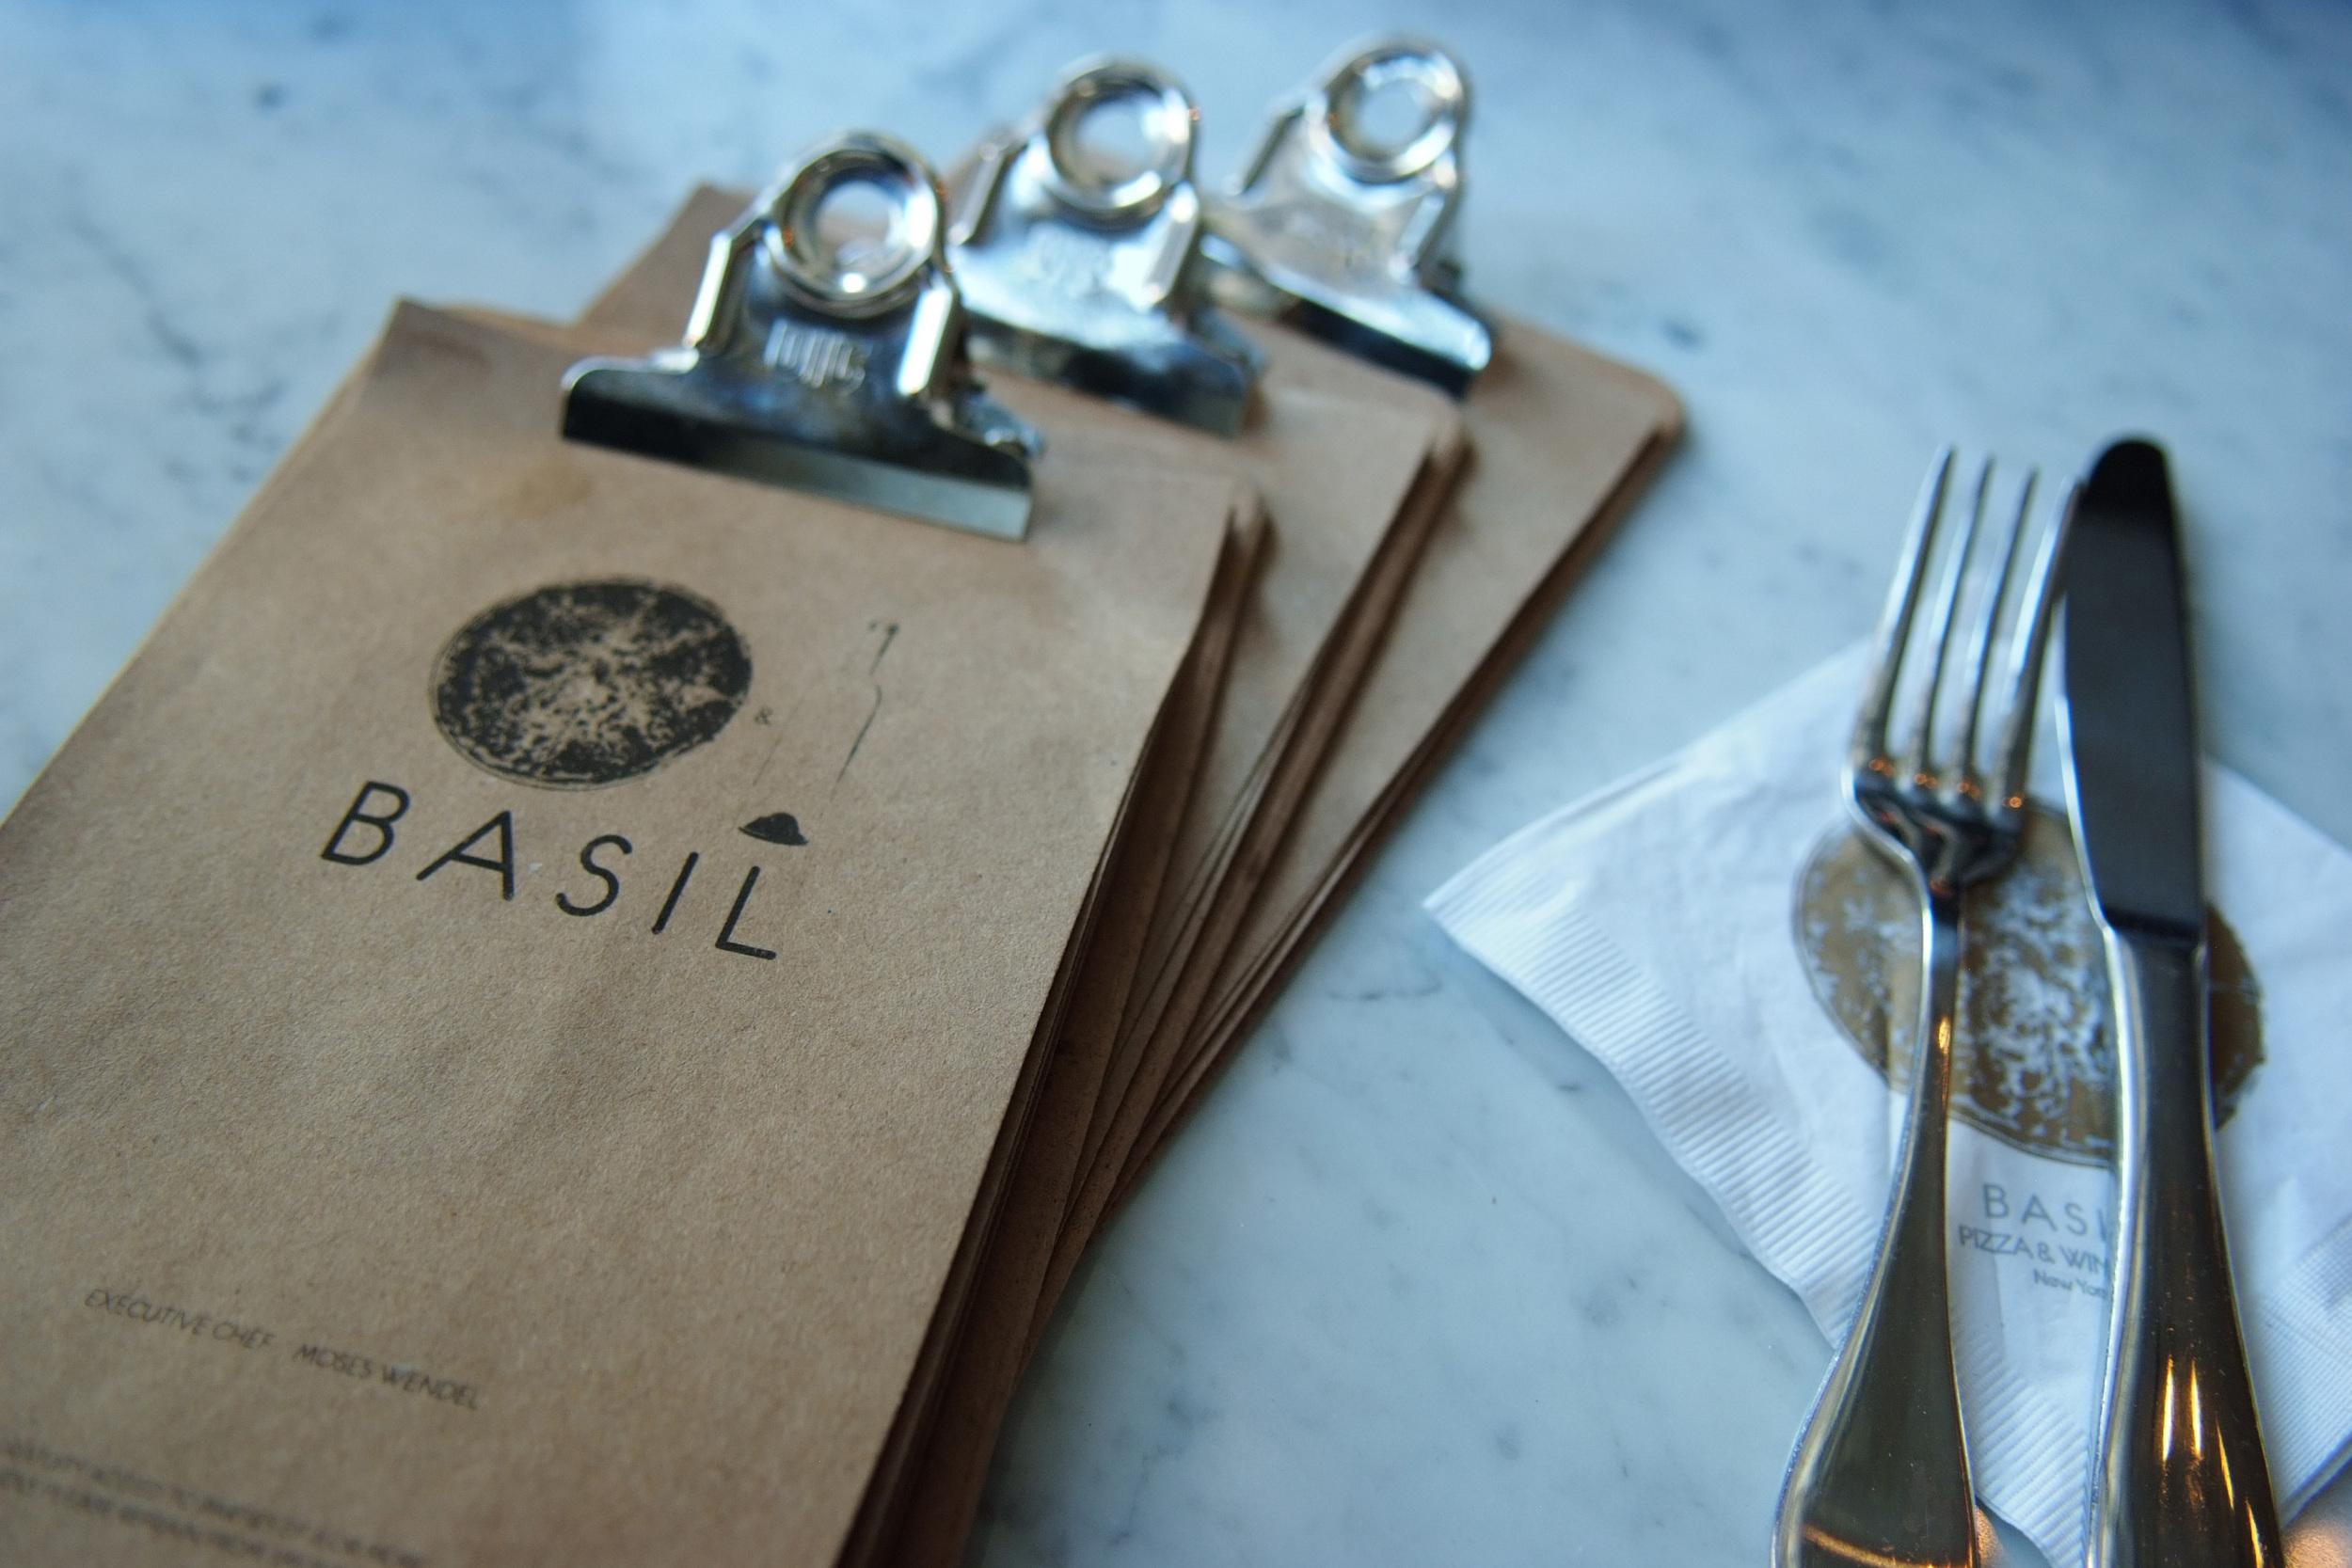 Basil2 011.jpg